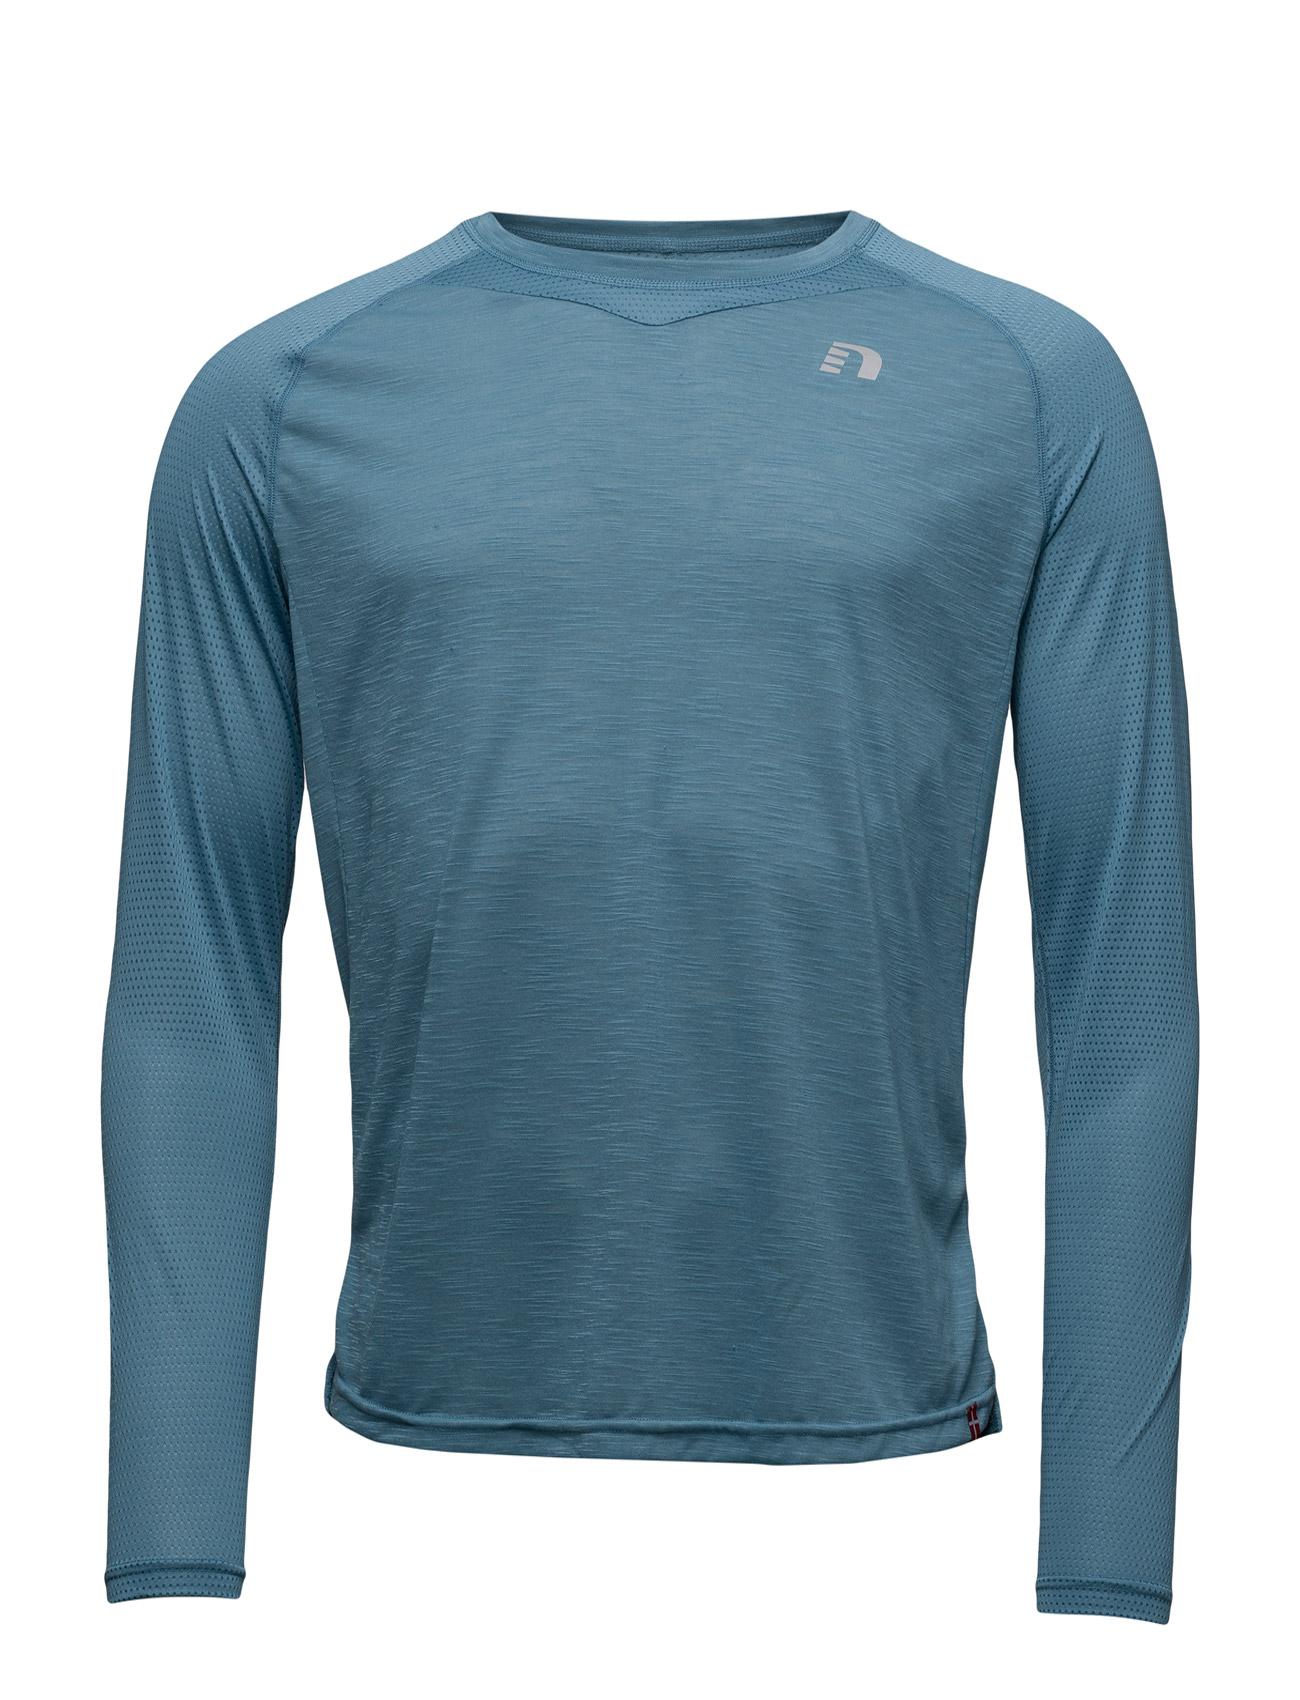 Imotion Shirt Newline Sports toppe til Herrer i